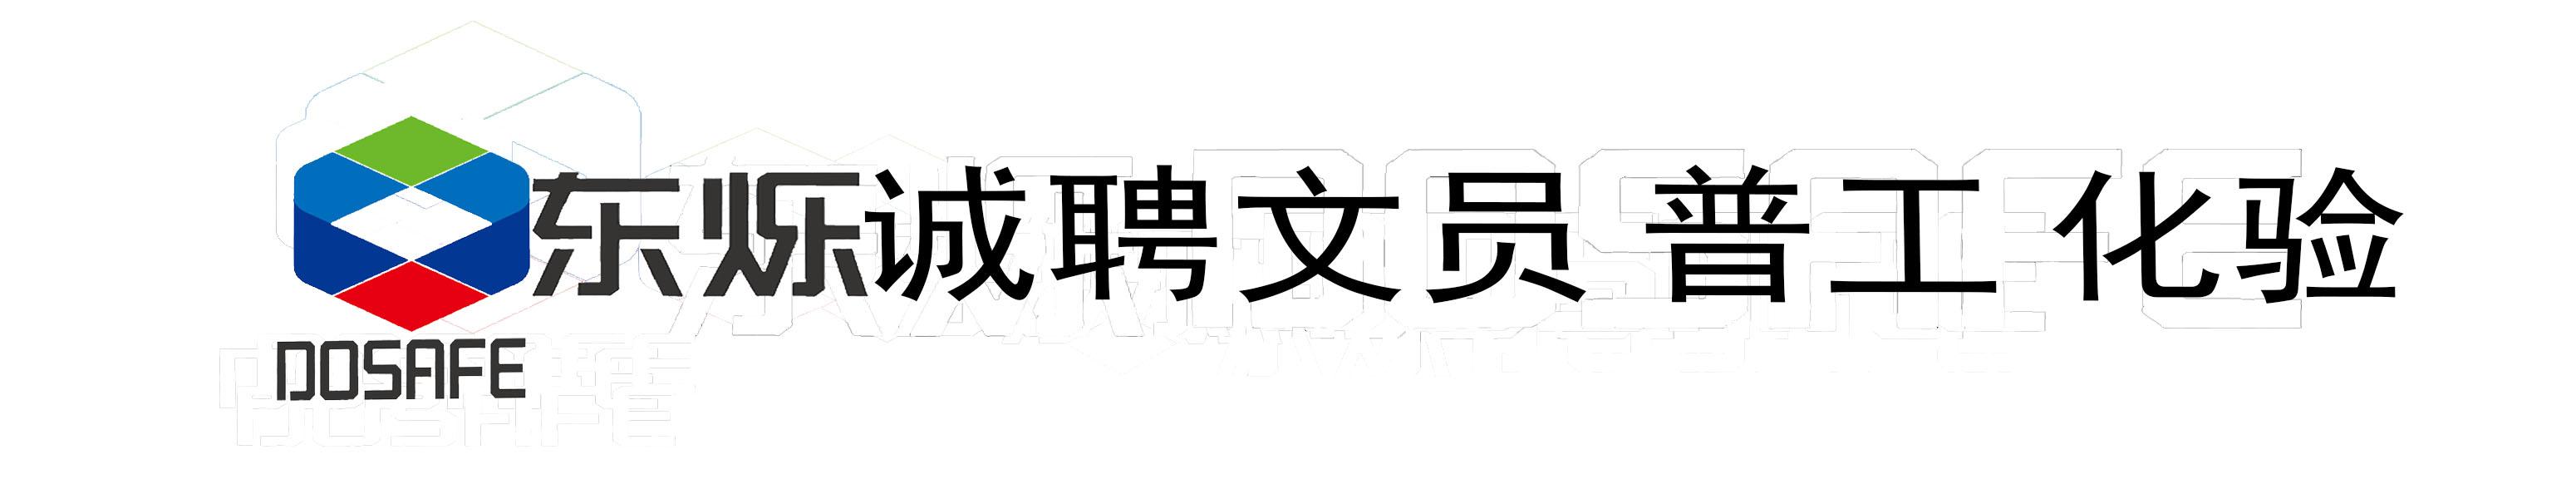 山东东烁消防科技有限公司